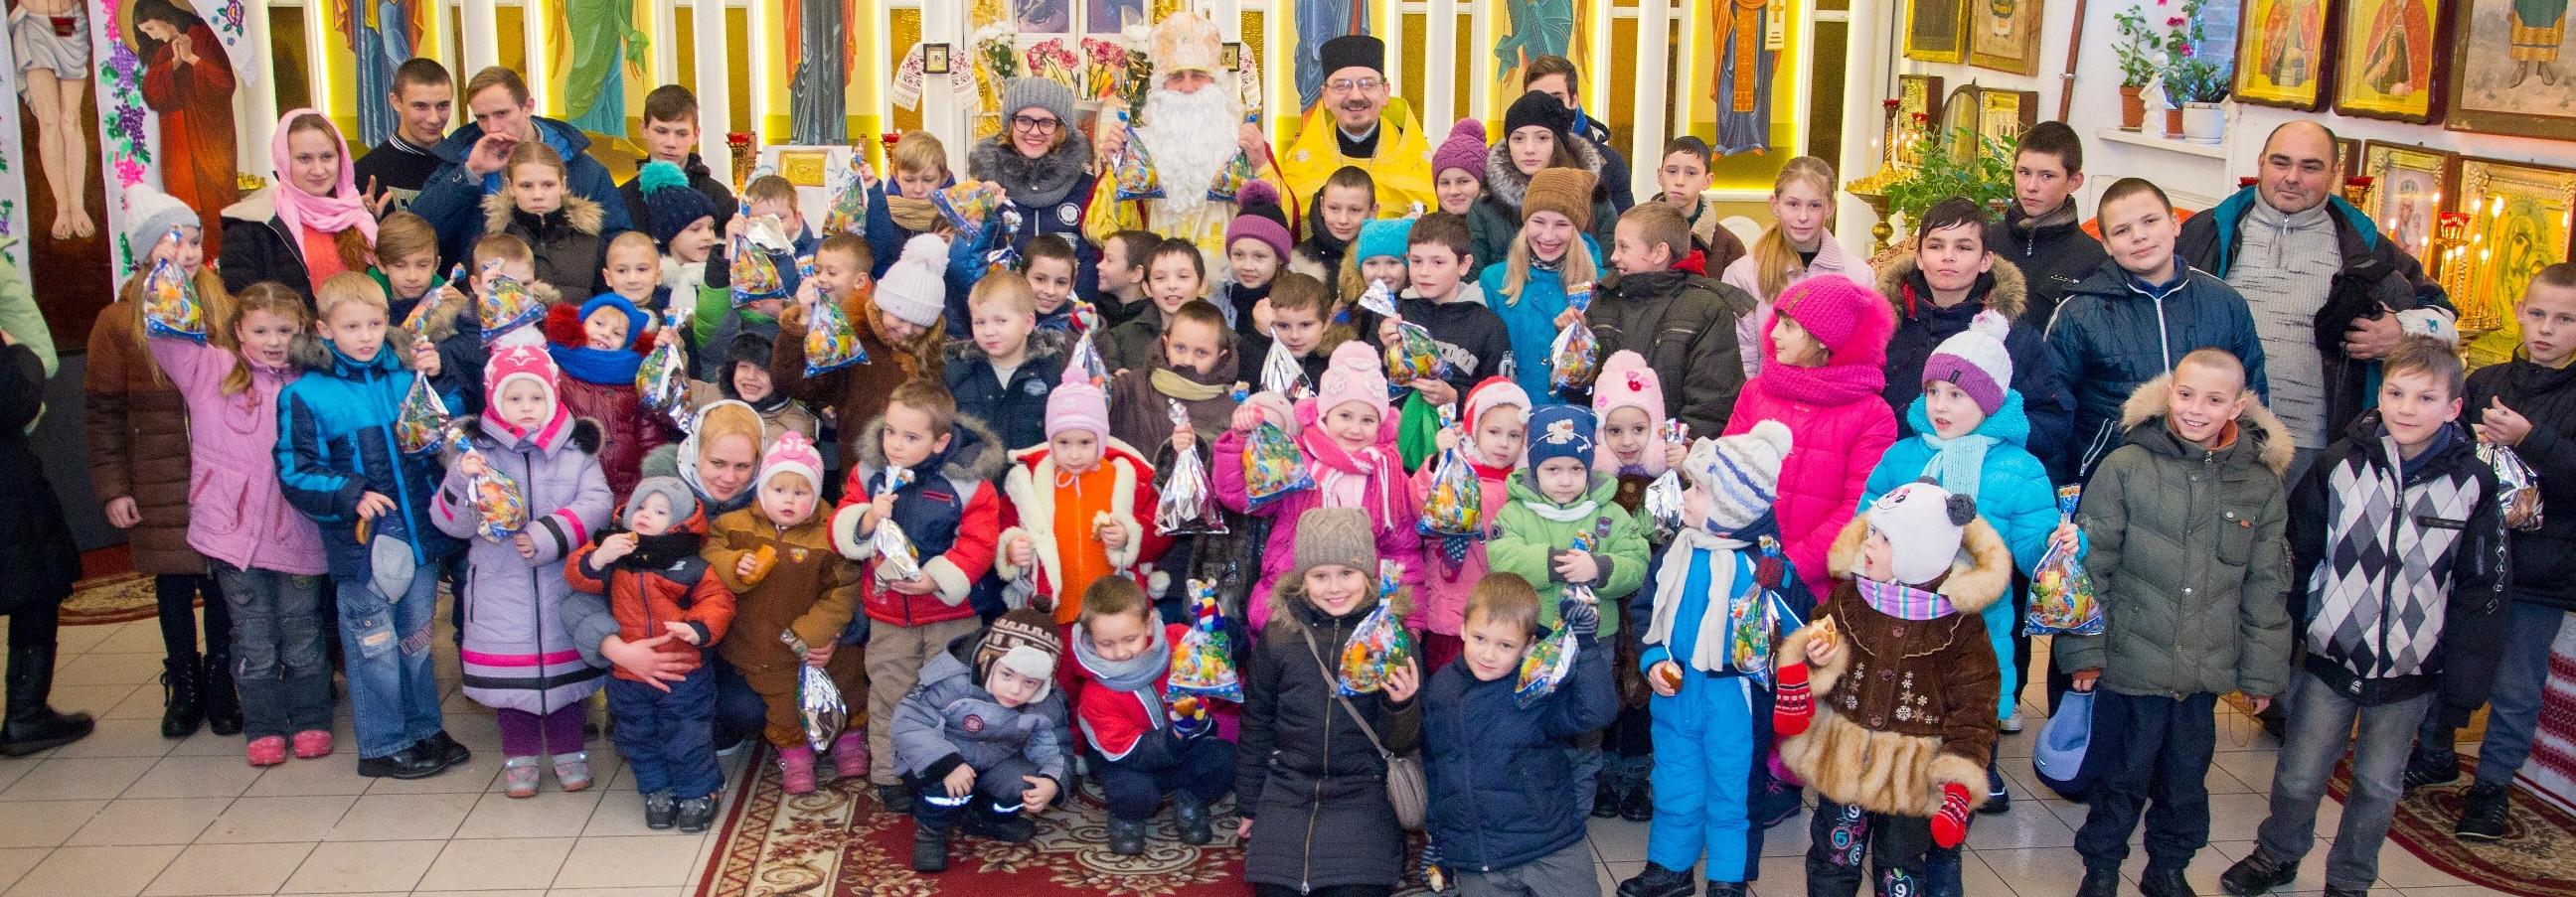 Діти моляться Миколаю